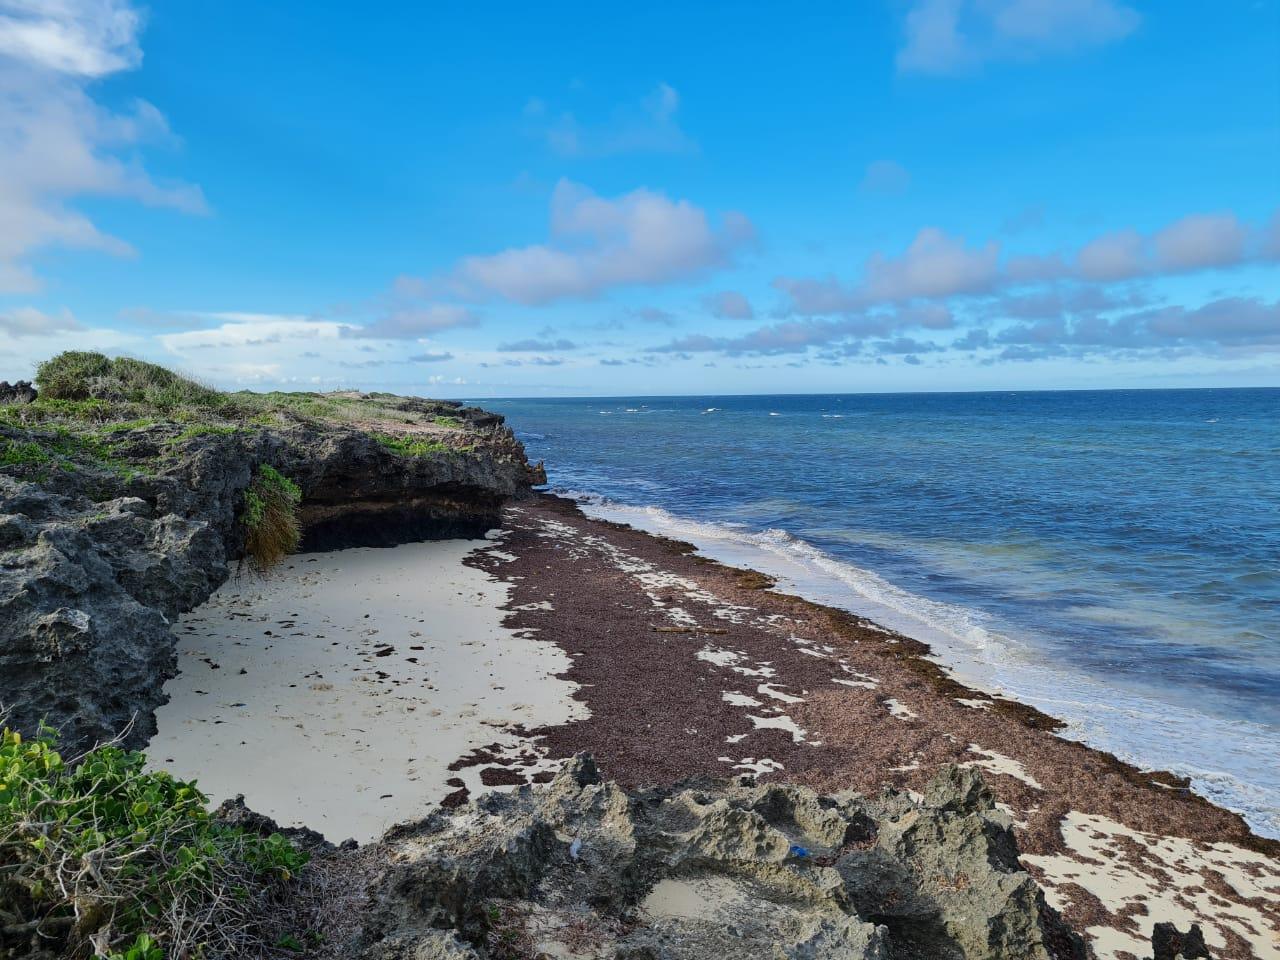 1 Acre beach plots for sale in Kilifi Tezo